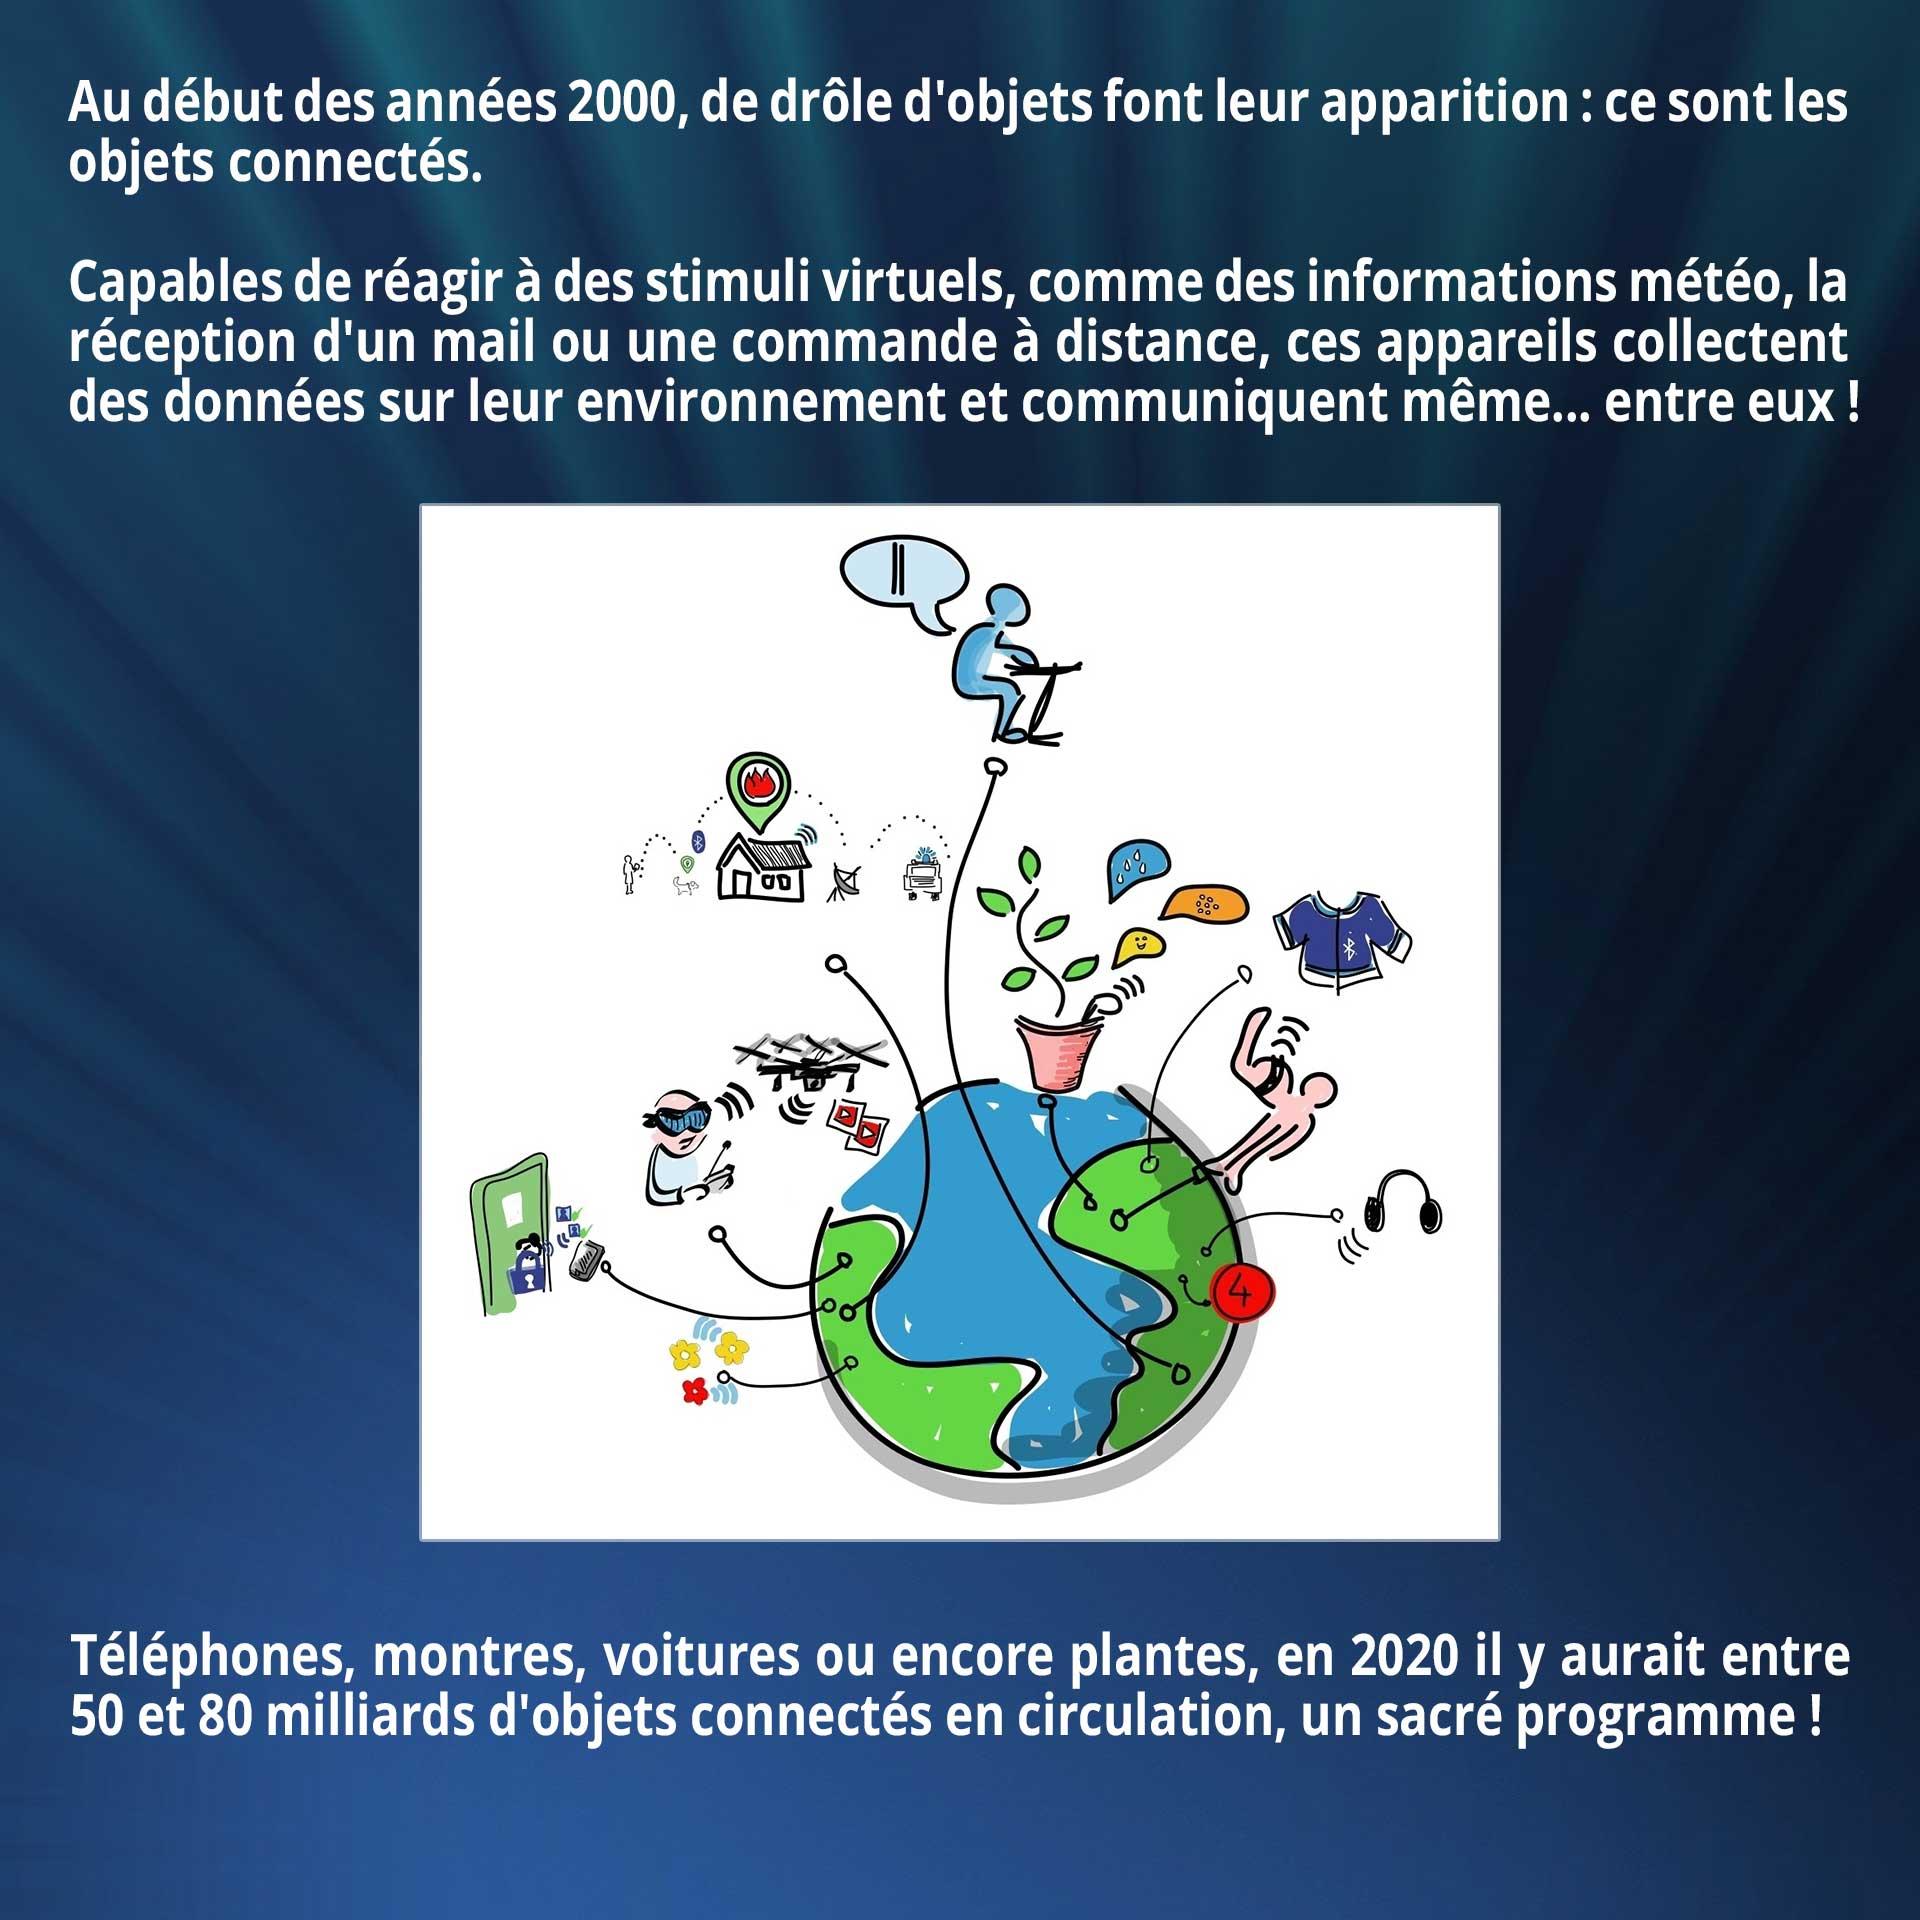 Au début des années 2000, de drôle d'objets font leur apparition : ce sont les objets connectés. Capables de réagir à des stimuli virtuels, comme des informations météo, la réception d'un mail ou une commande à distance, ces appareils collectent des données sur leur environnement et communiquent même... entre eux ! Téléphones, montres, voitures ou encore plantes, en 2020 il y aurait entre 50 et 80 milliards d'objets connectés en circulation, un sacré programme !